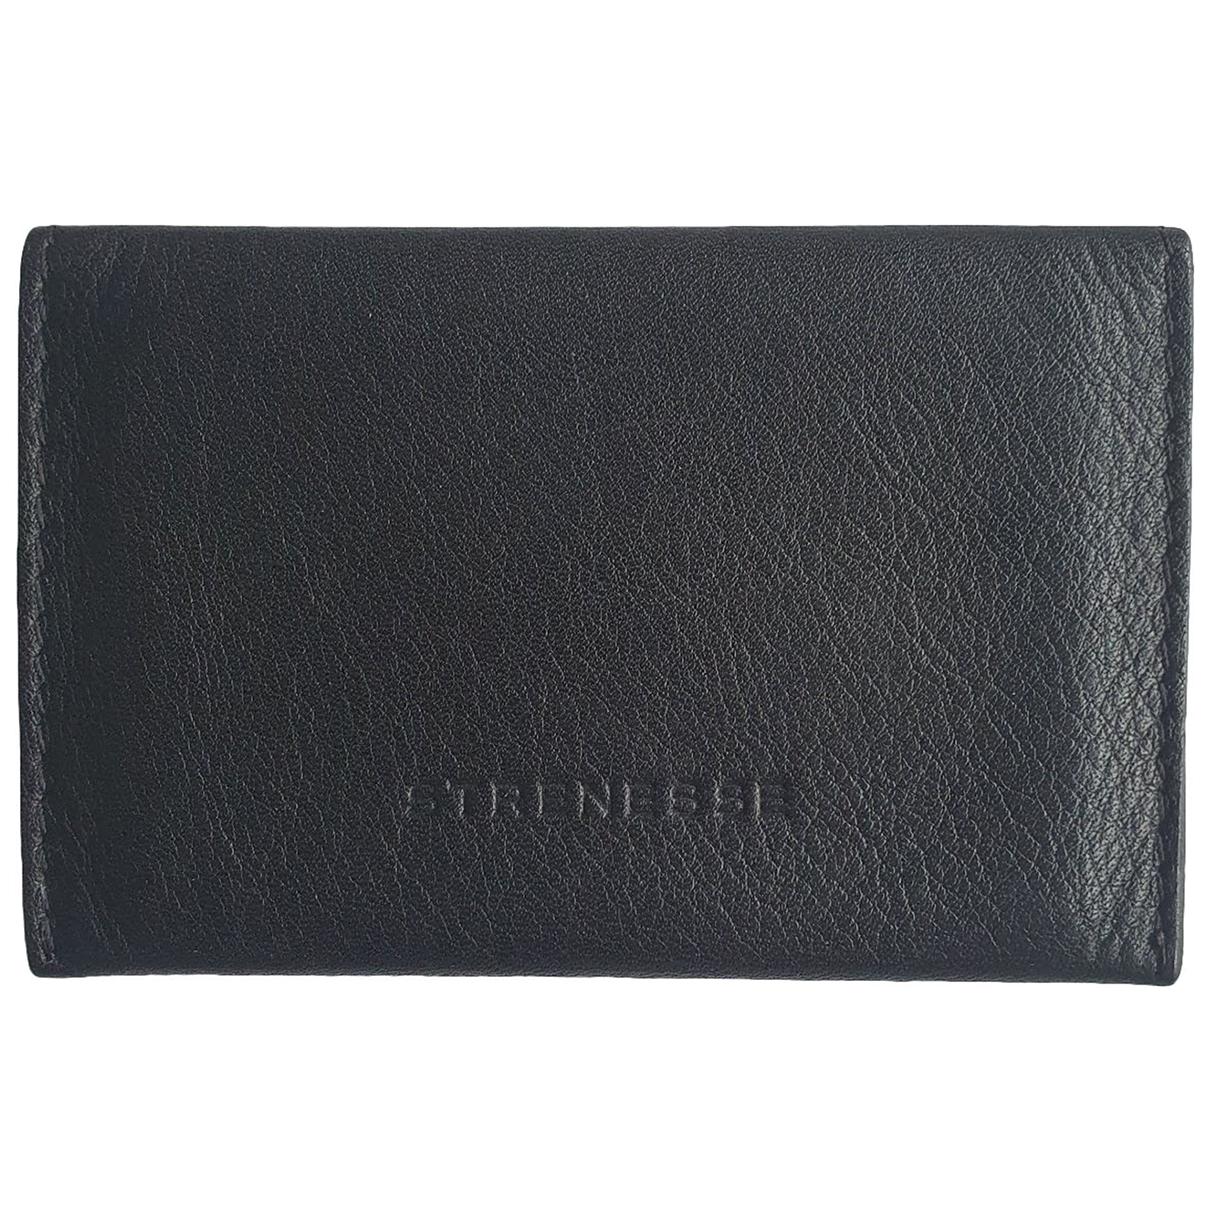 Strenesse - Portefeuille   pour femme en cuir - noir